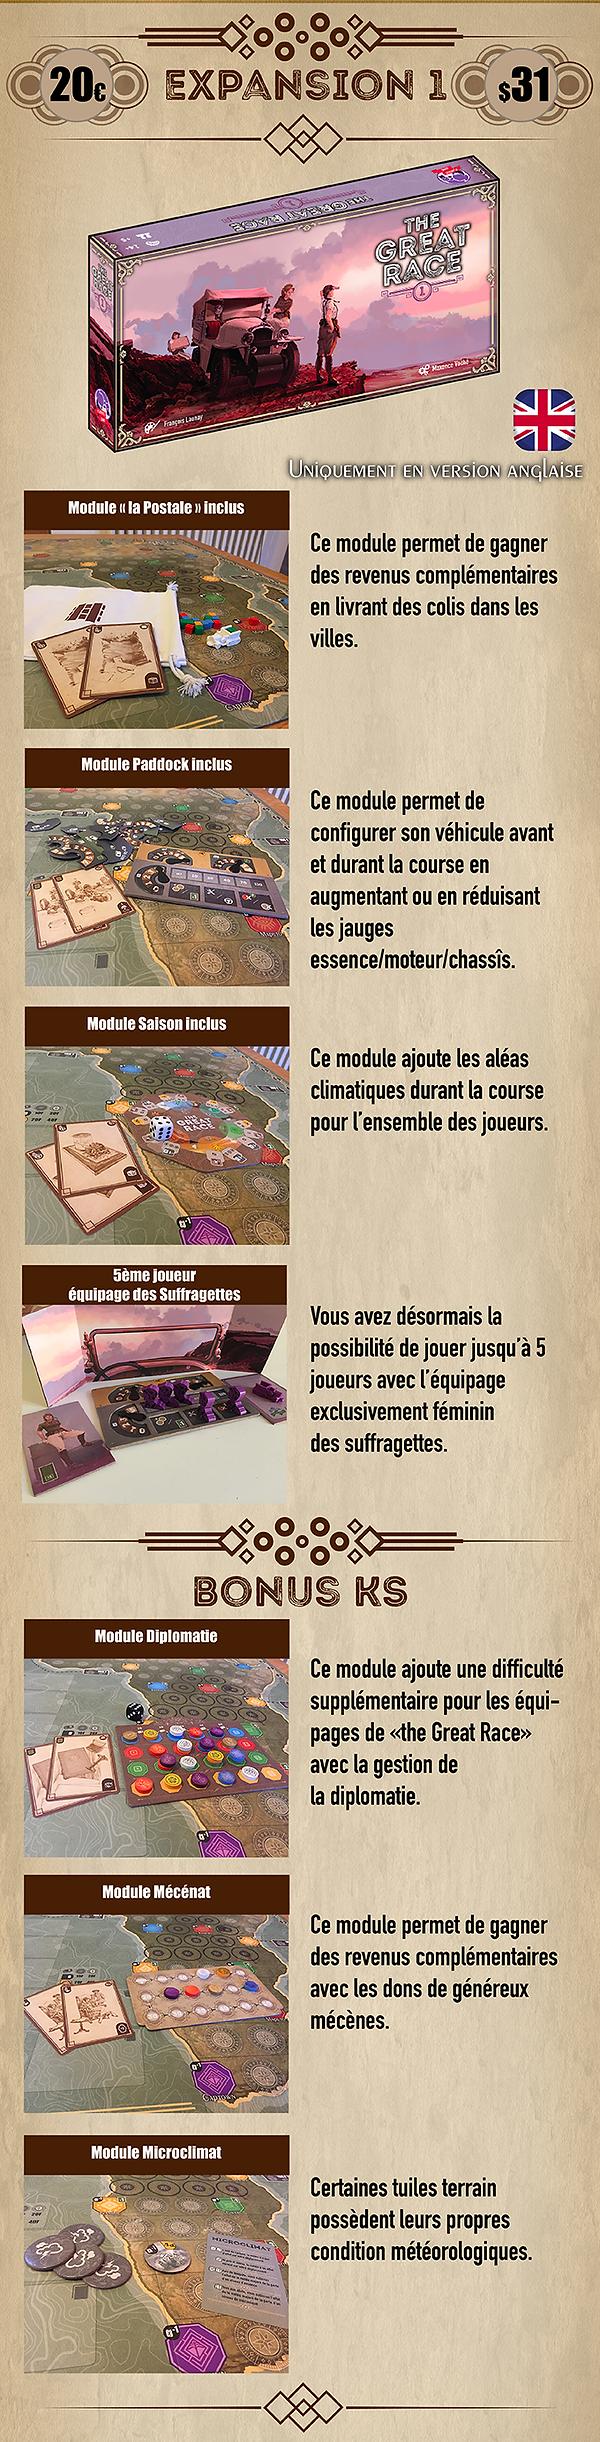 00-expansion-1-FR.png